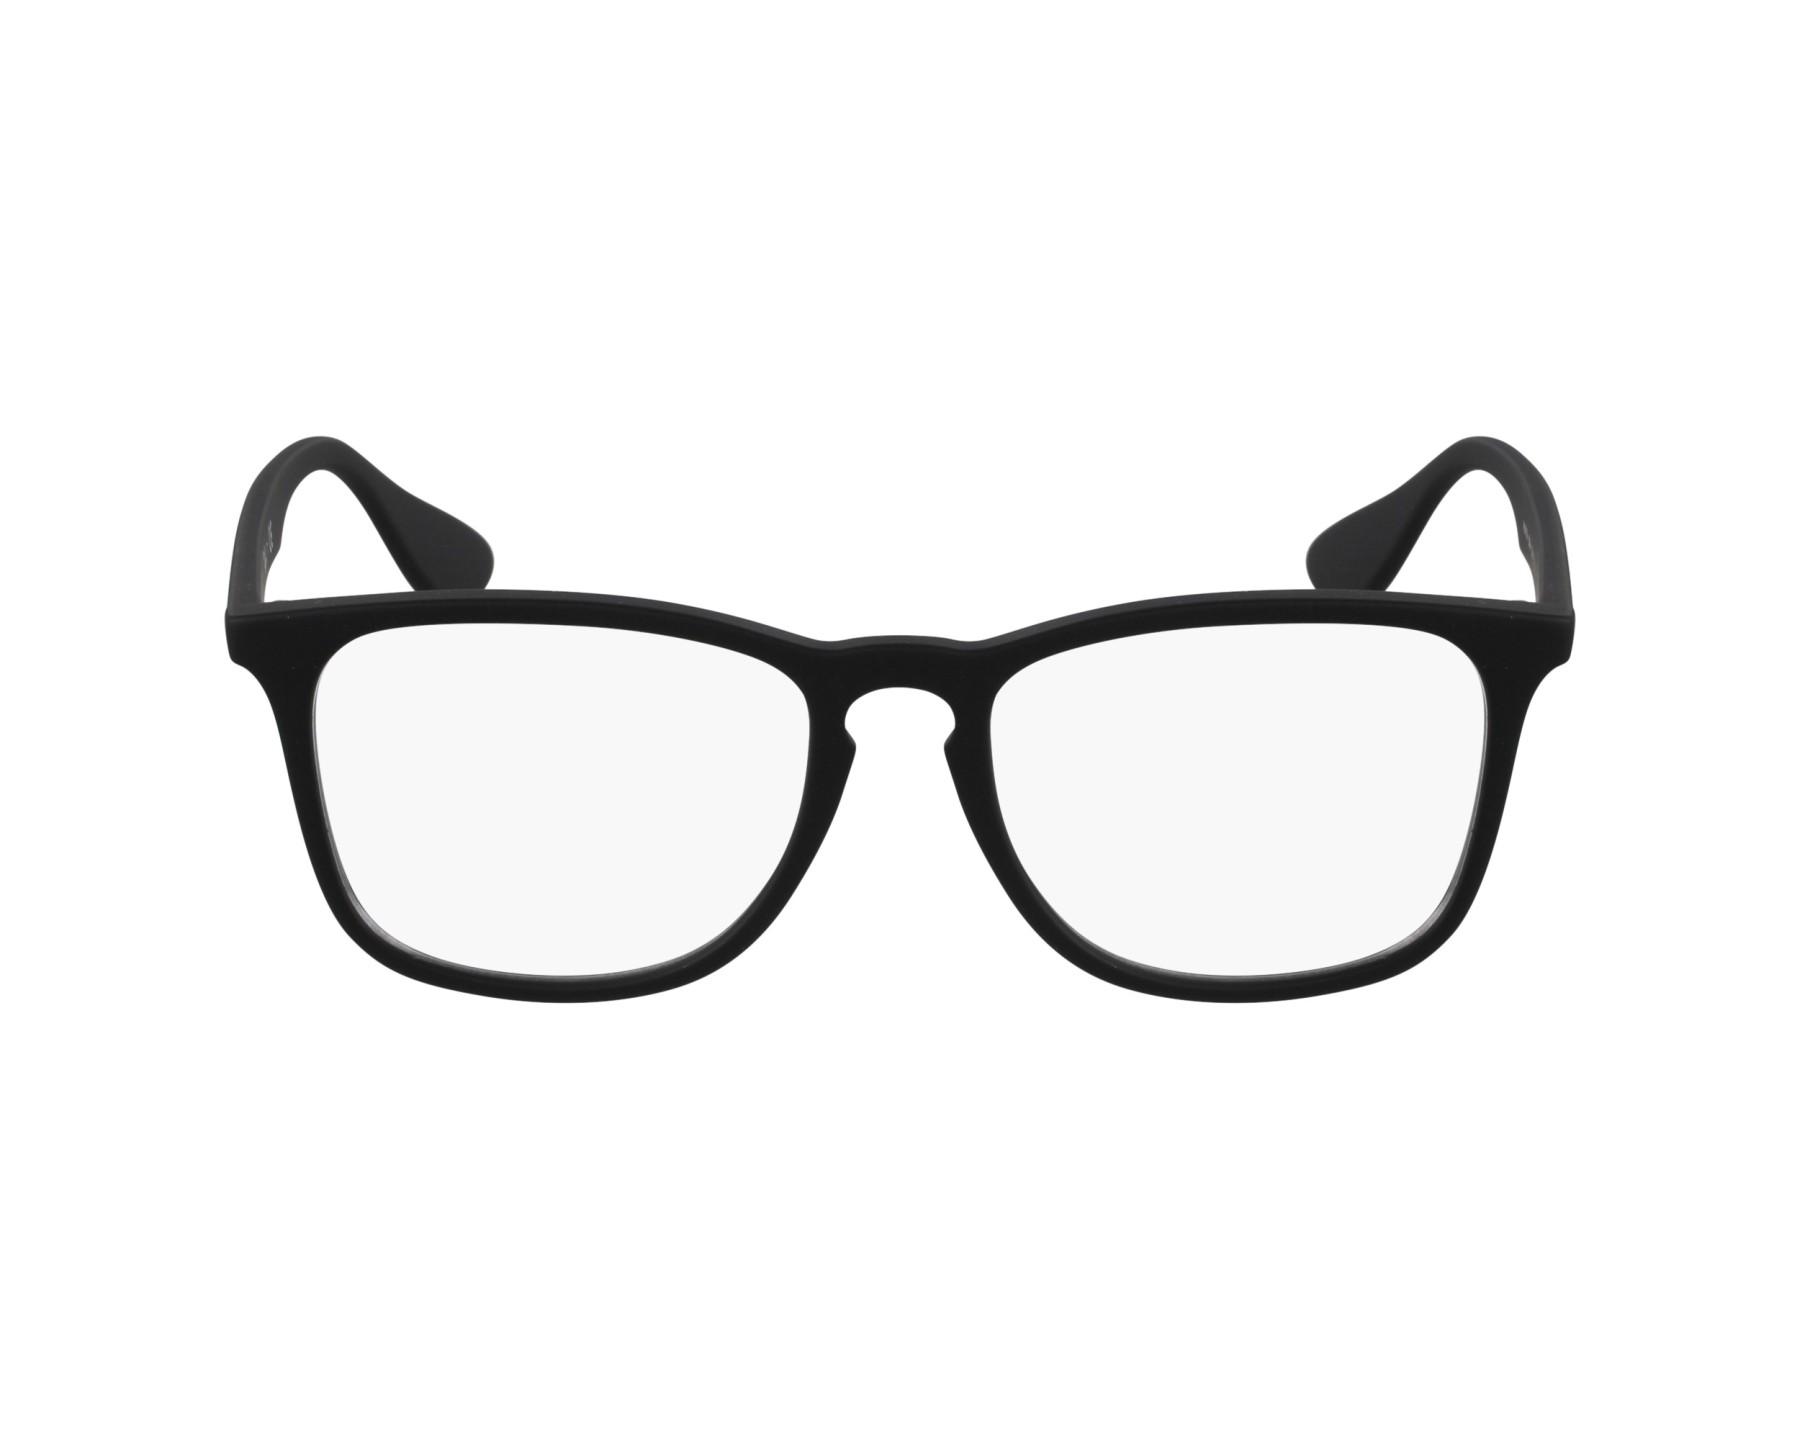 c39d1fc7b2 Brillen Ray-Ban RX-7074 5364 52-18 schwarz Profilansicht